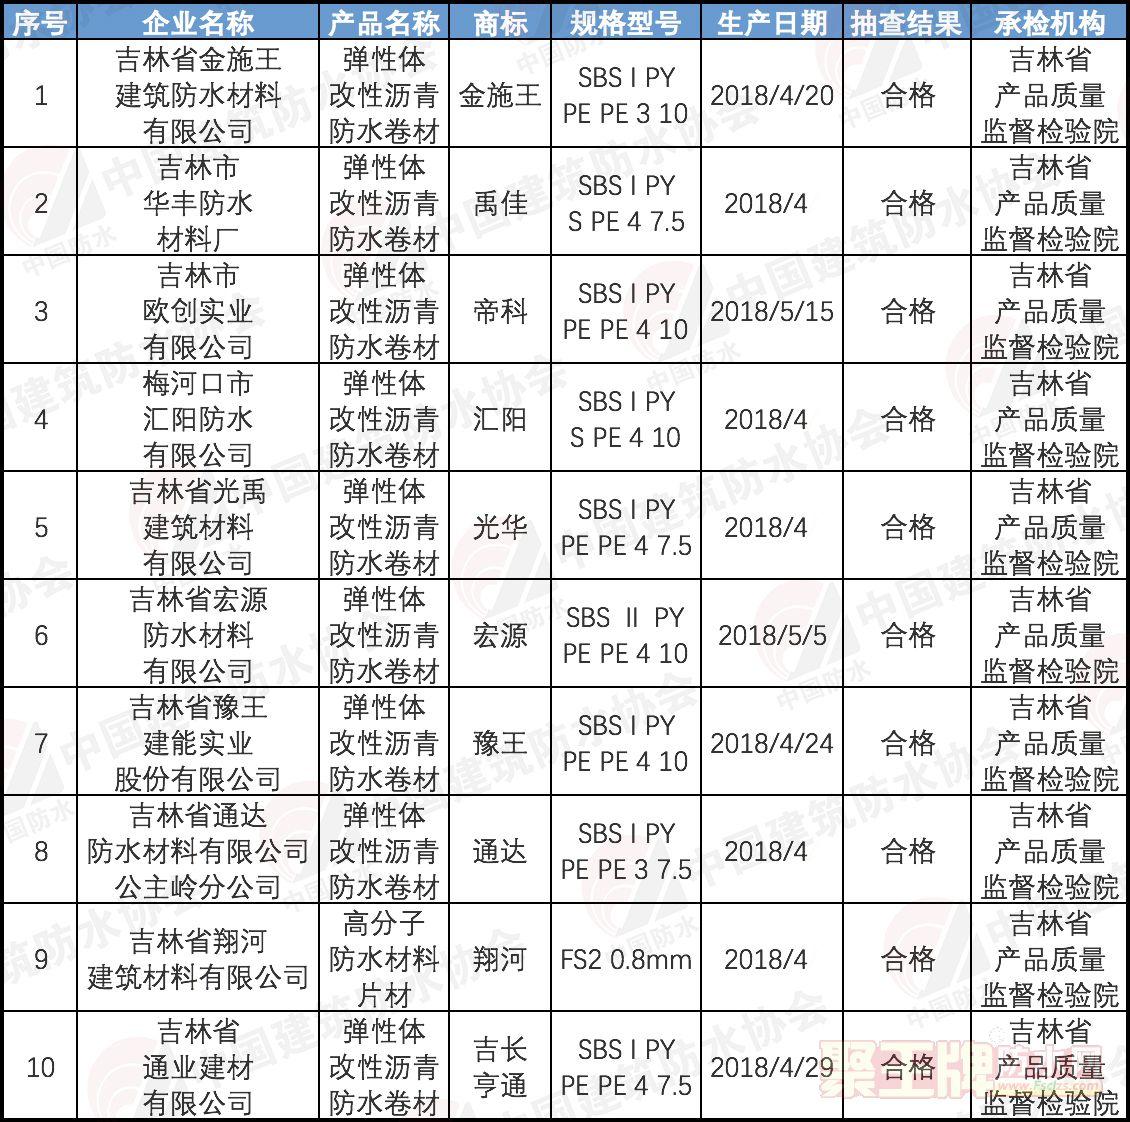 吉林抽查:10批次建筑防水卷材产品全部合格!